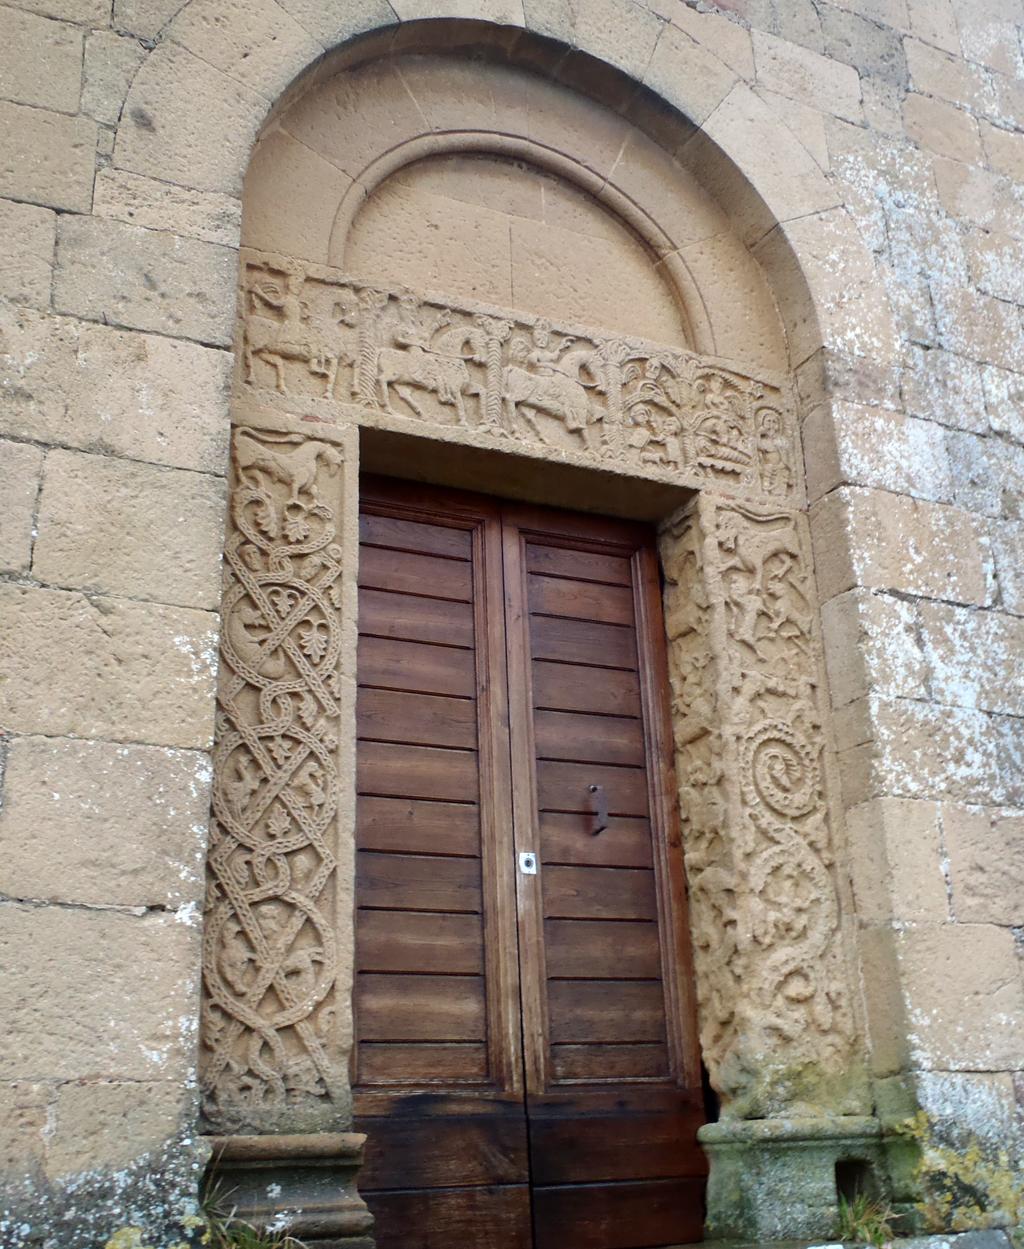 Foto: Pieve di Corsignano, il portale laterale